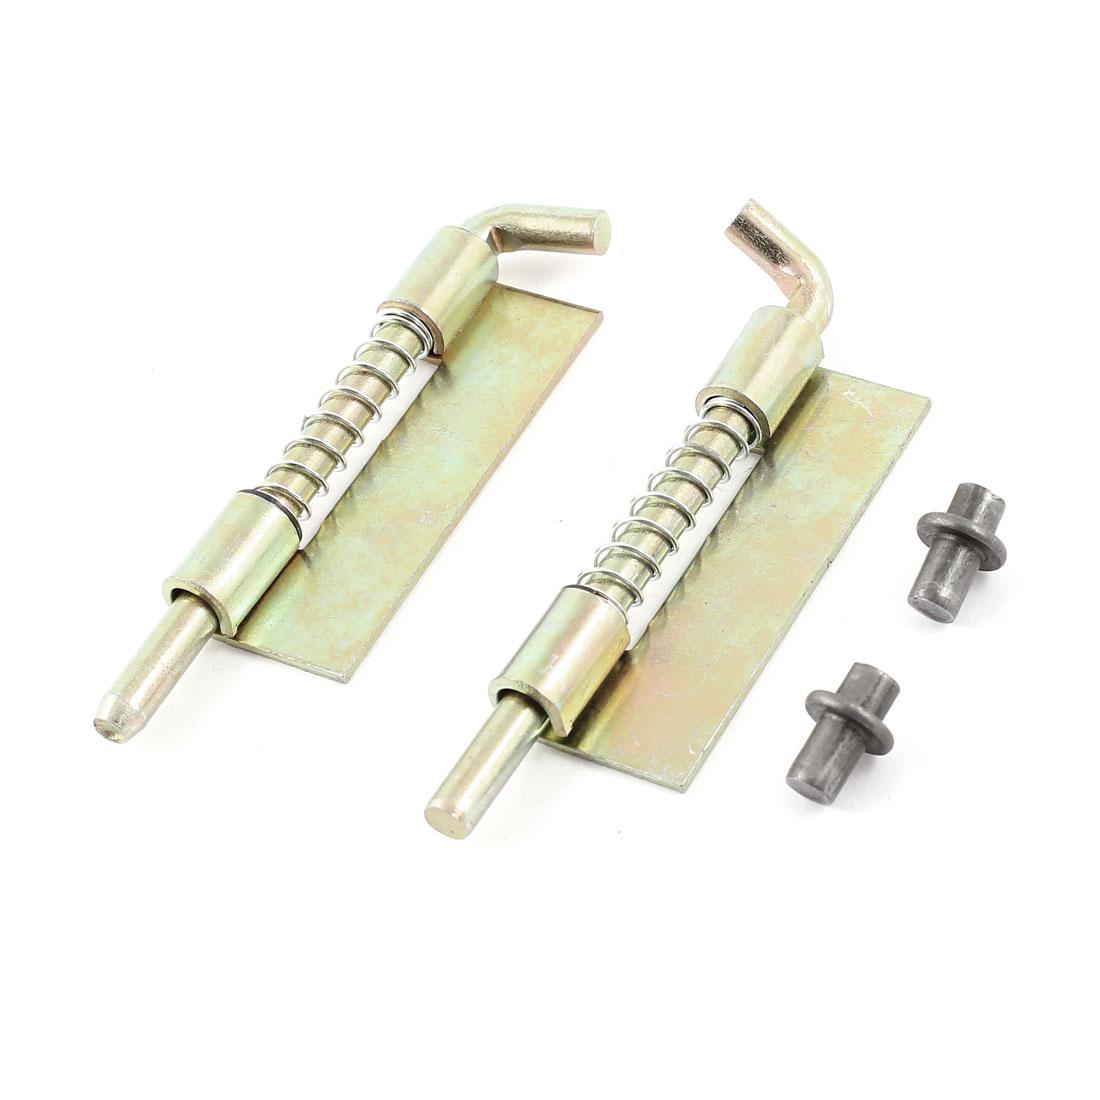 """Hardware Door Safety 3.5"""" Long Metal Spring Latch Lock Tool 2 Pcs"""